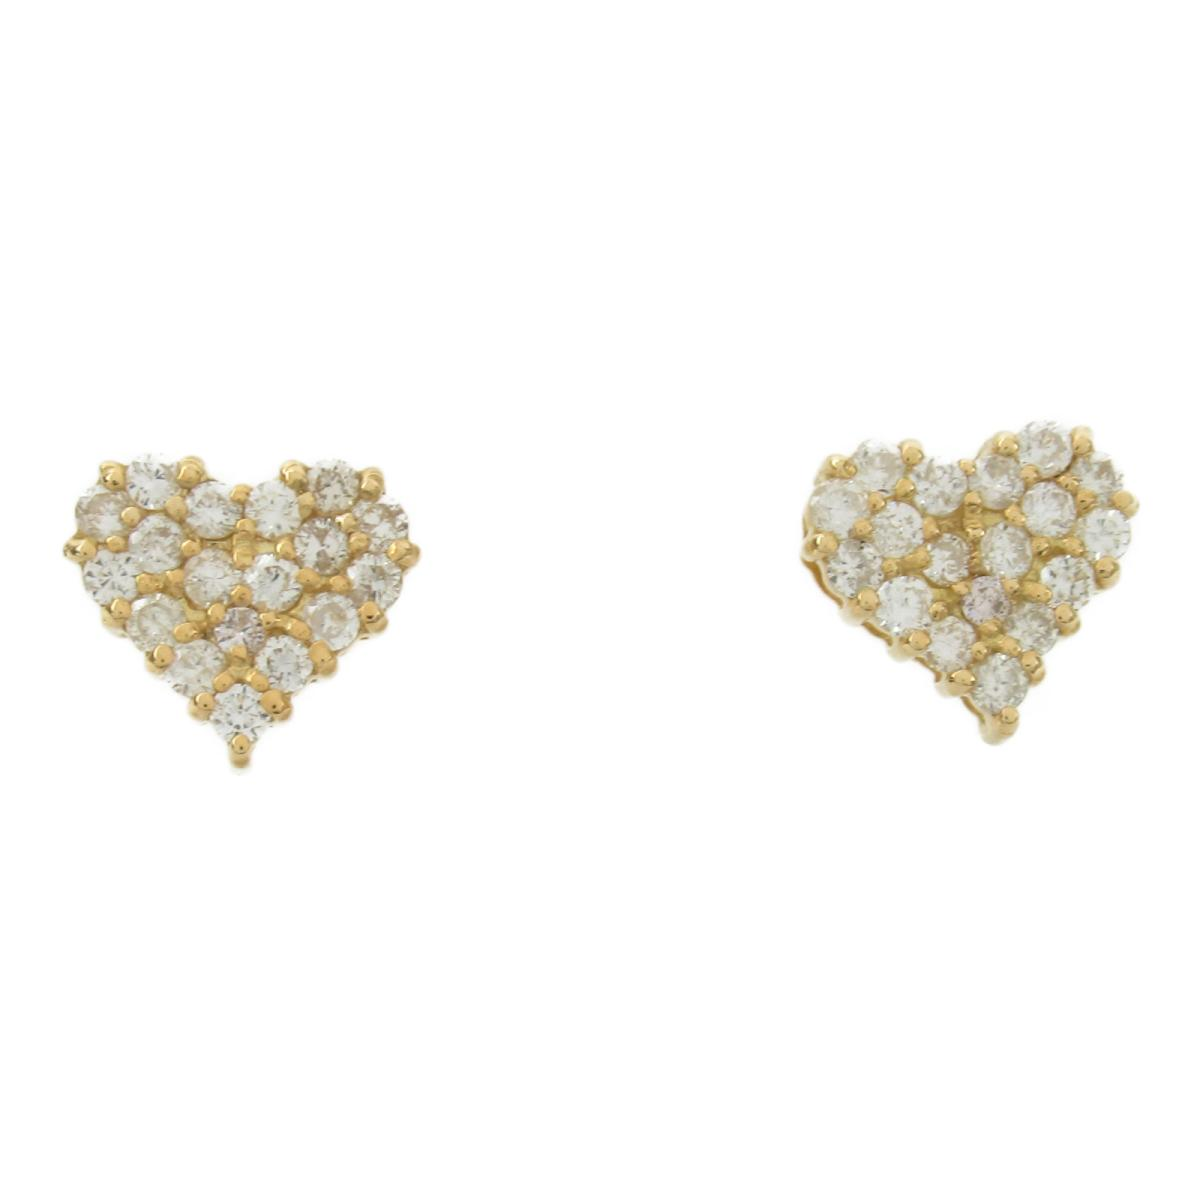 ジュエリー ハート ダイヤモンド ピアス ノーブランドジュエリー レディース K18YG (750) イエローゴールド x ダイヤモンド0.30ct*2 【中古】 | JEWELRY BRANDOFF ブランドオフ アクセサリー